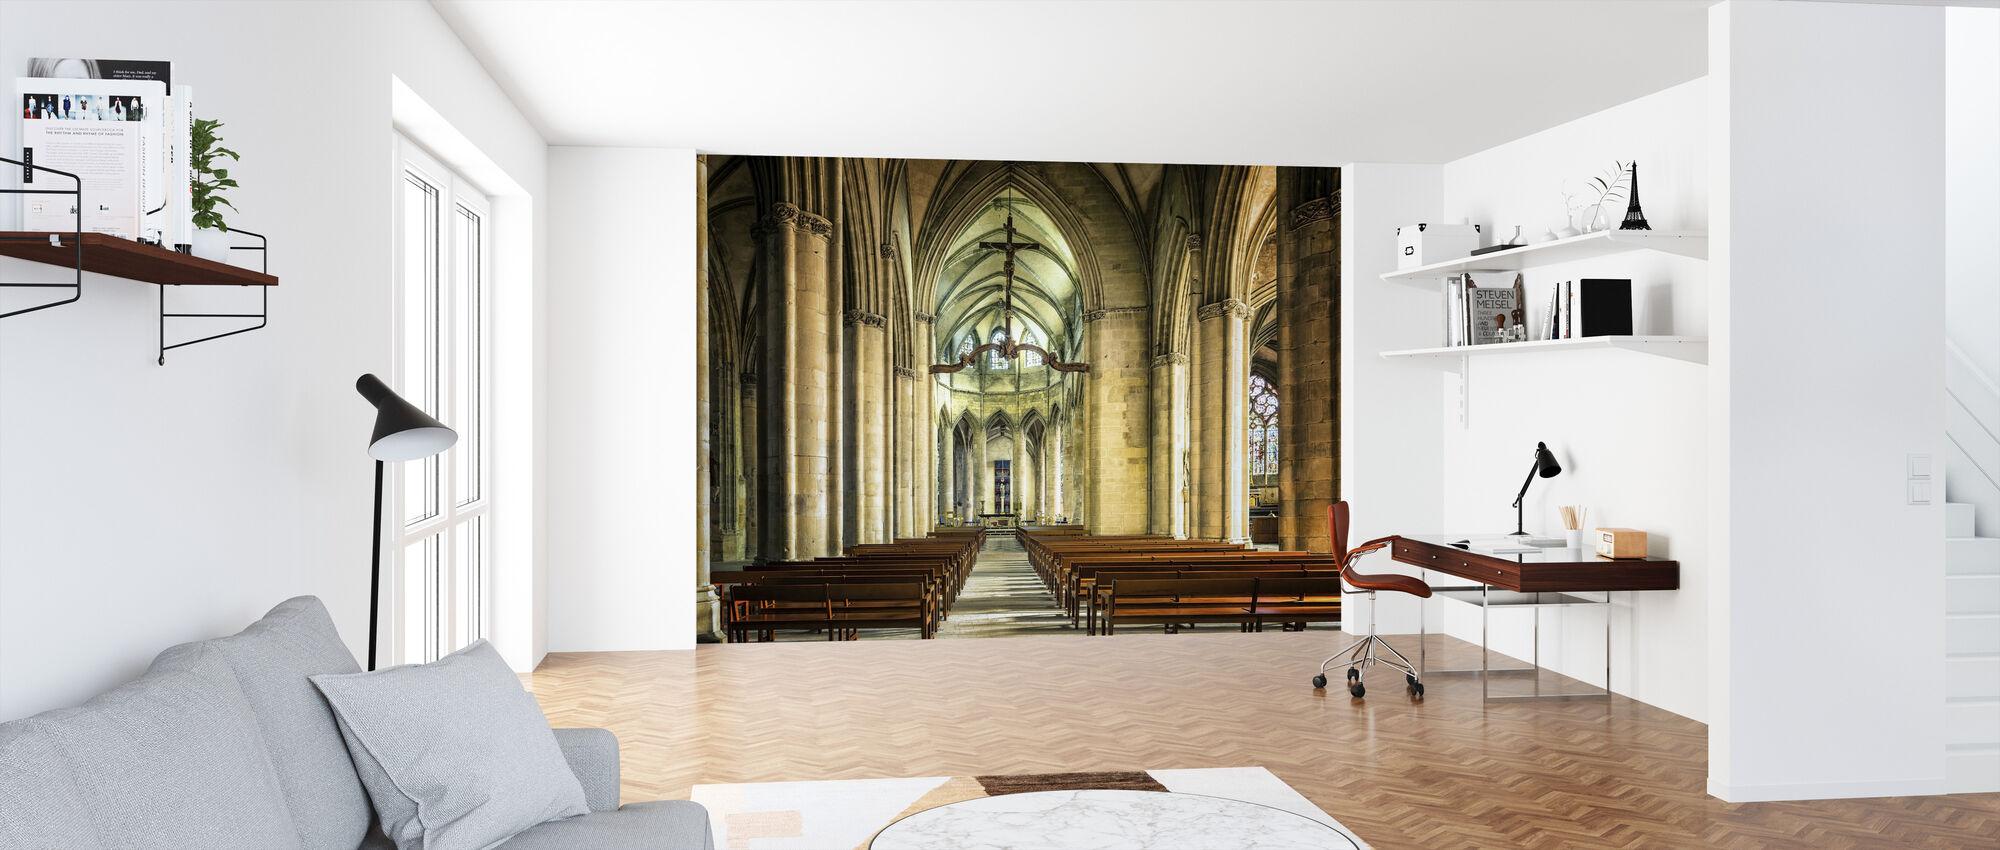 Katedraali - Tapetti - Toimisto